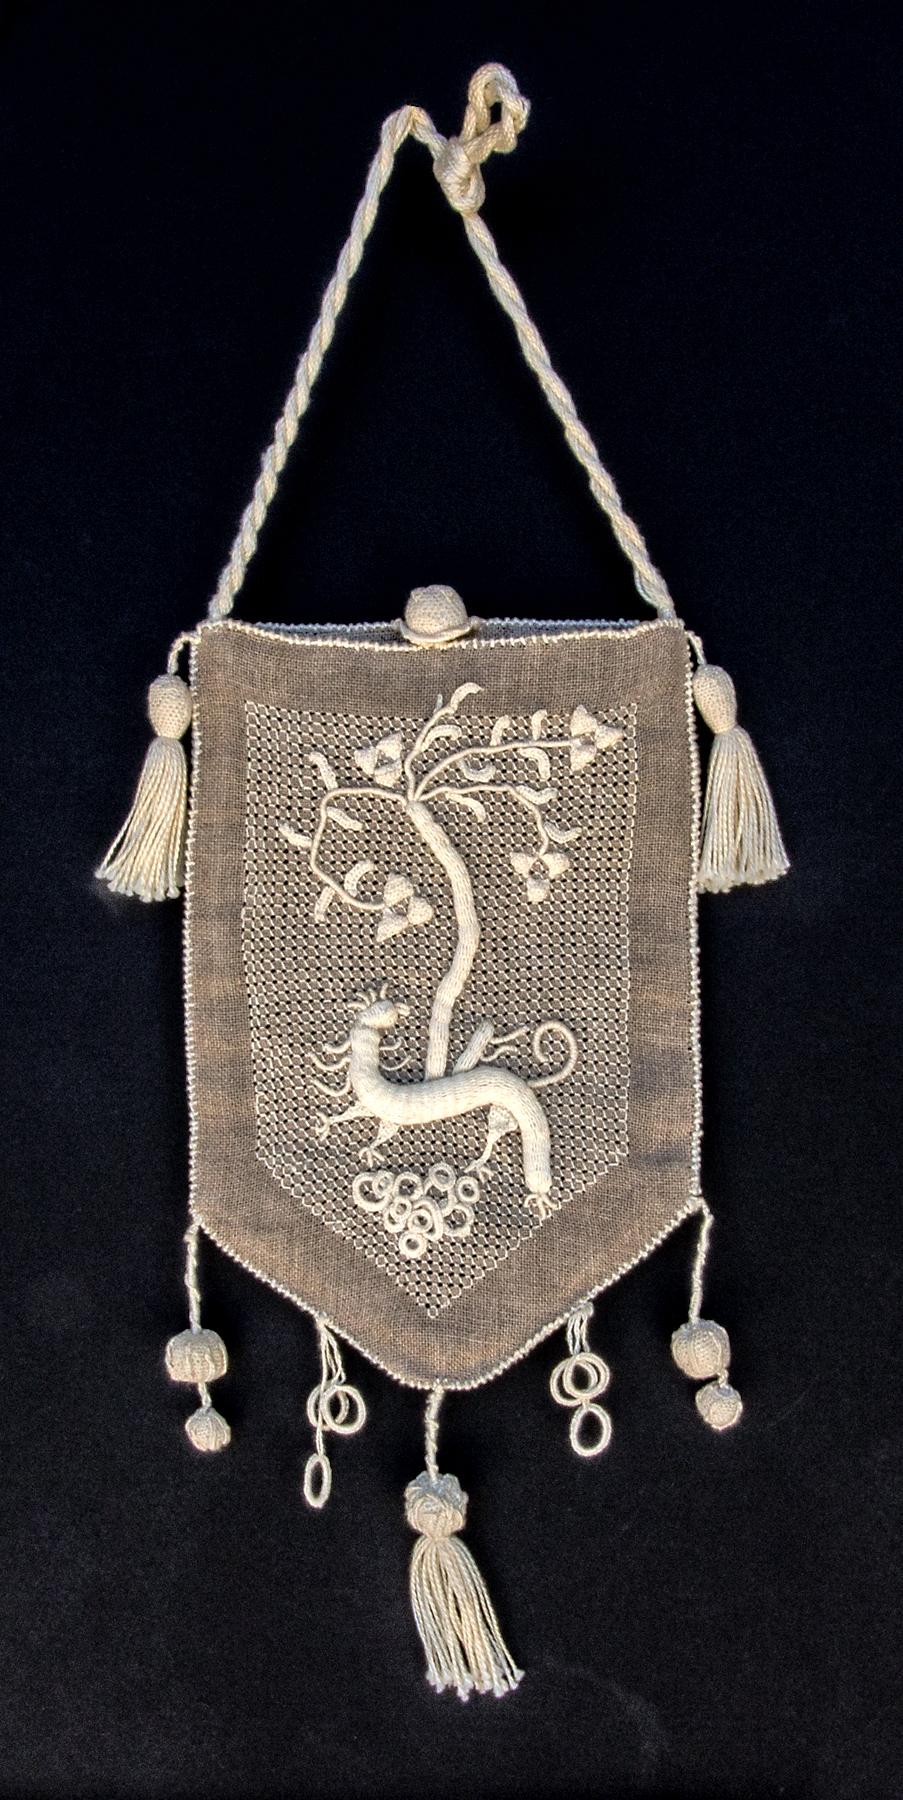 Casalguidi bag